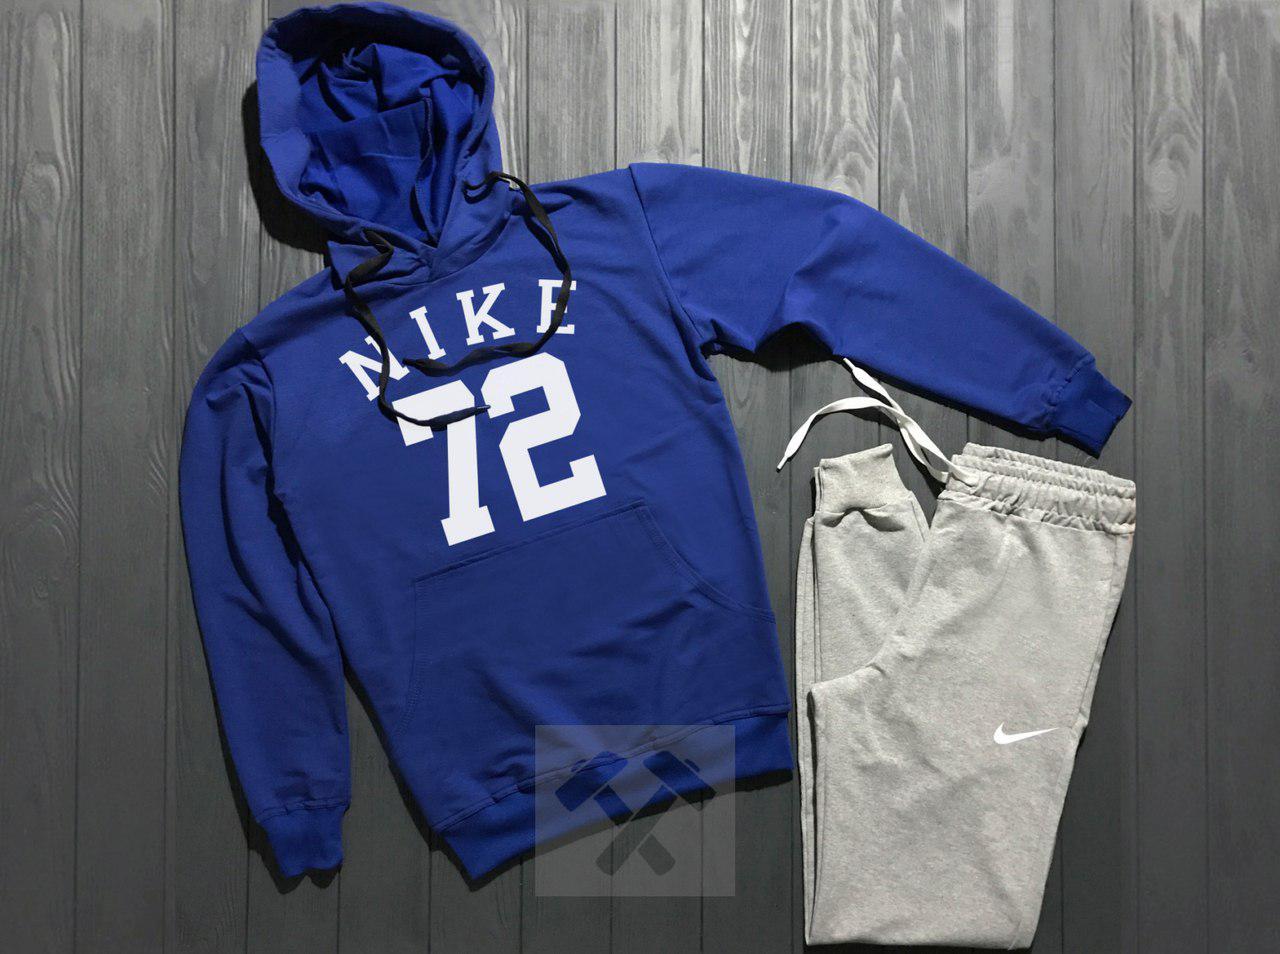 Спортивный костюм Nike 72 сине-серый топ реплика